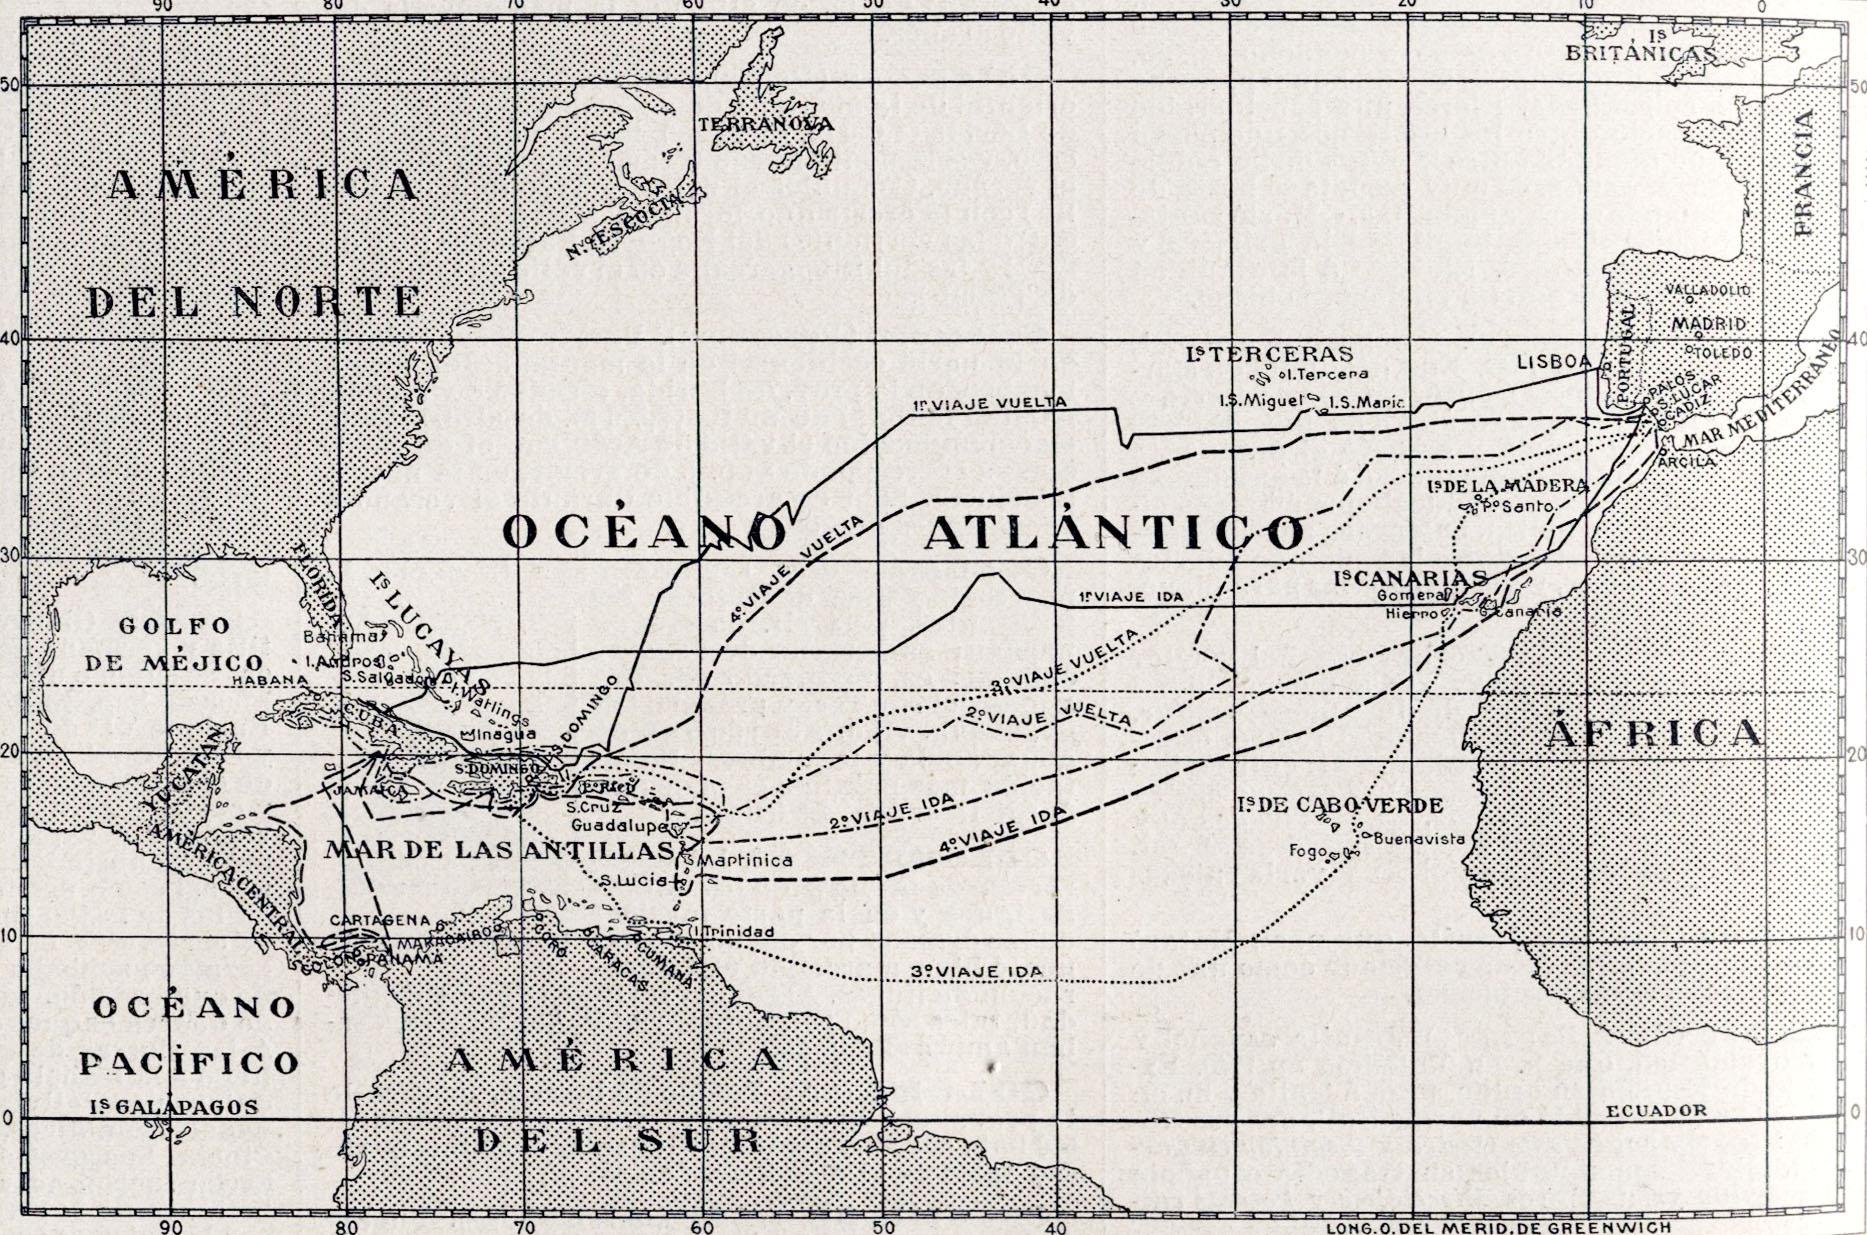 Los viajes de Cristóbal Colón en 1492, 1493, 1498 y 1502